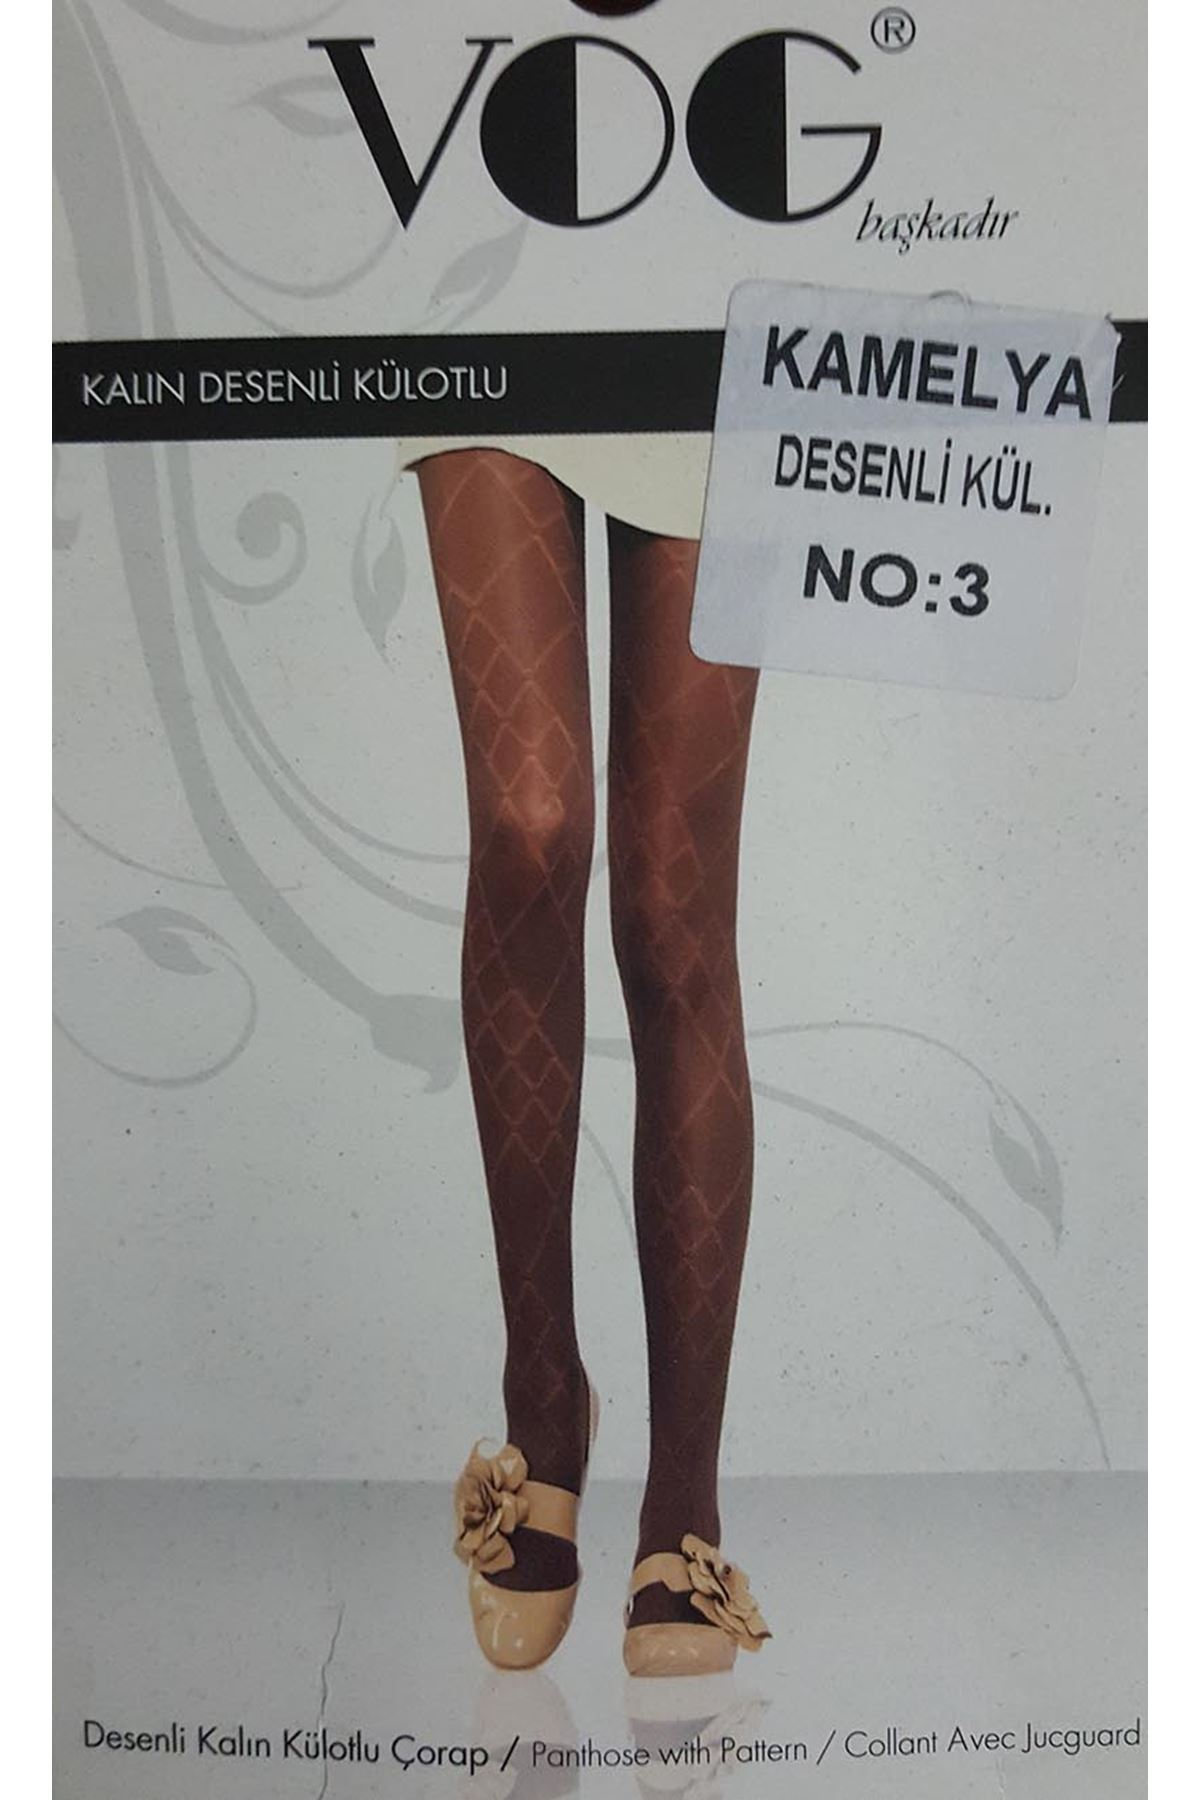 VOG Külotlu Çorap Siyah 18A-723S